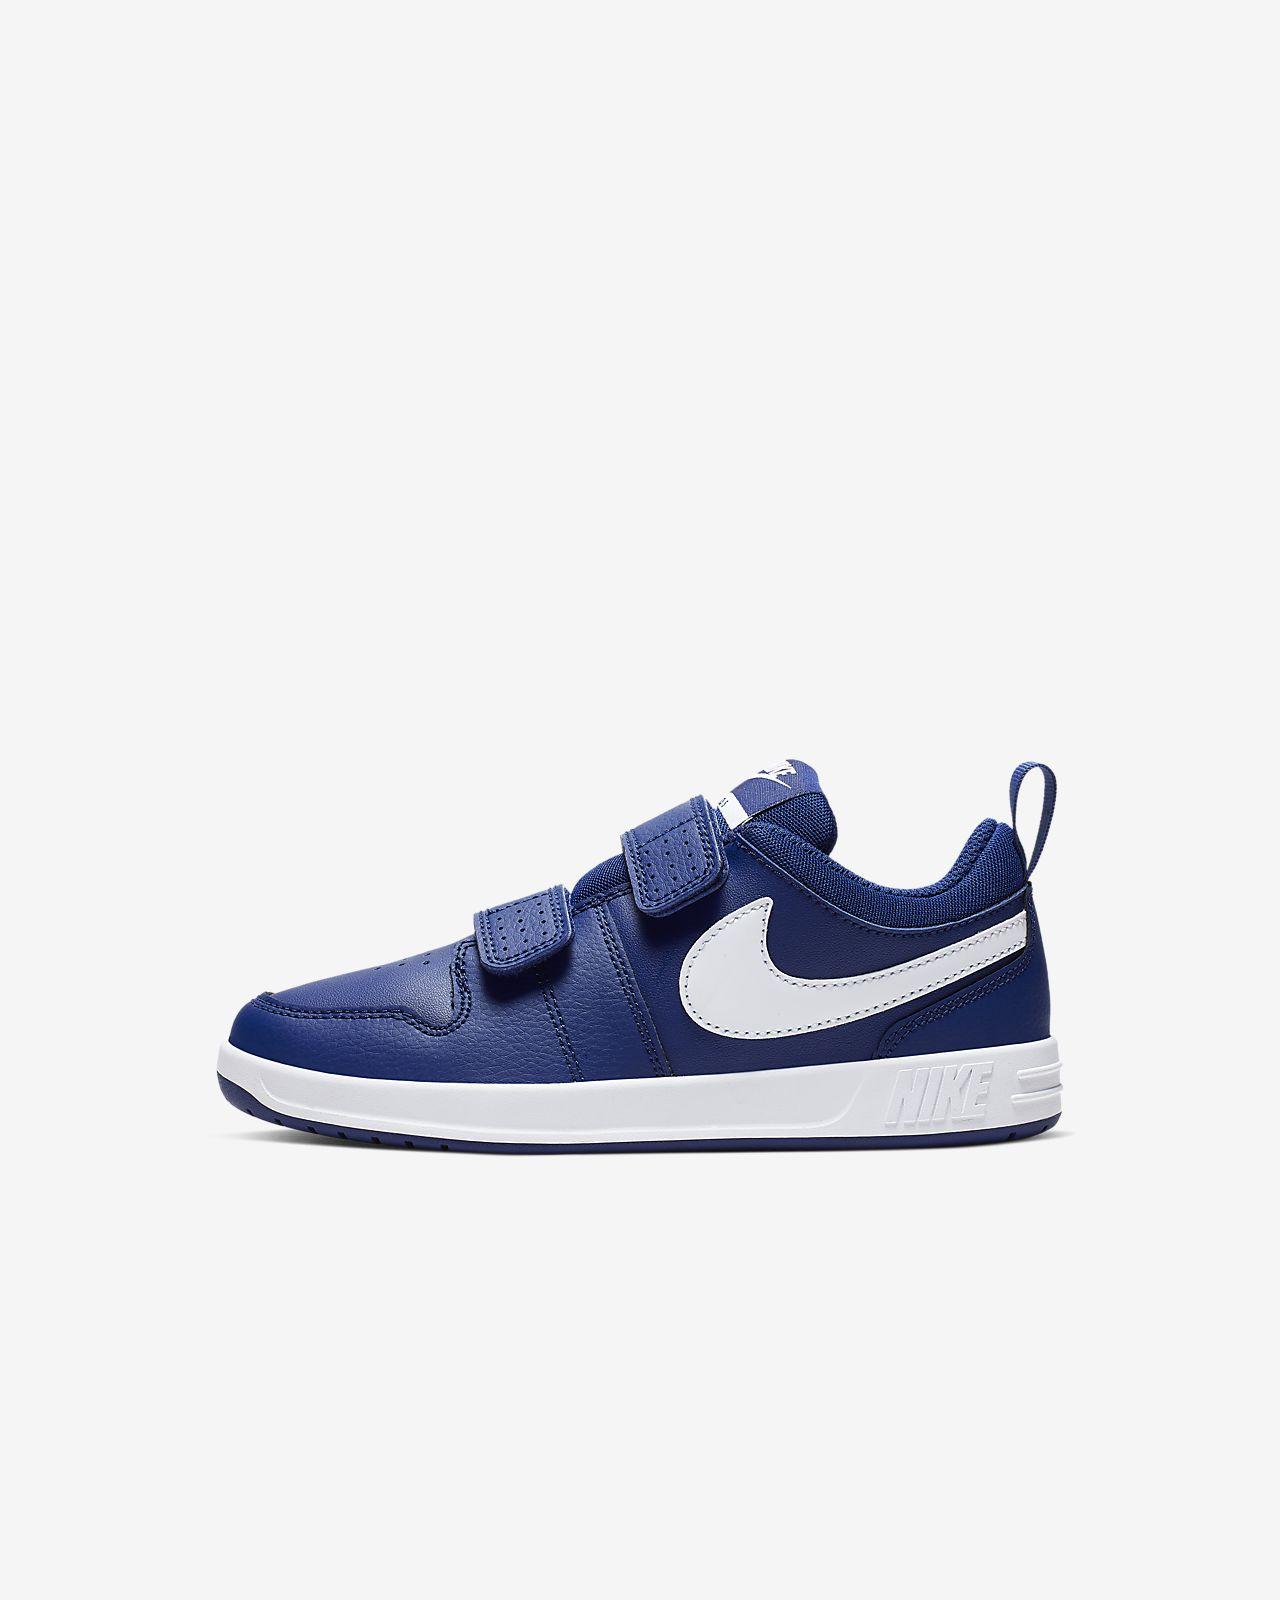 Calzado para niños talla pequeña Nike Pico 5